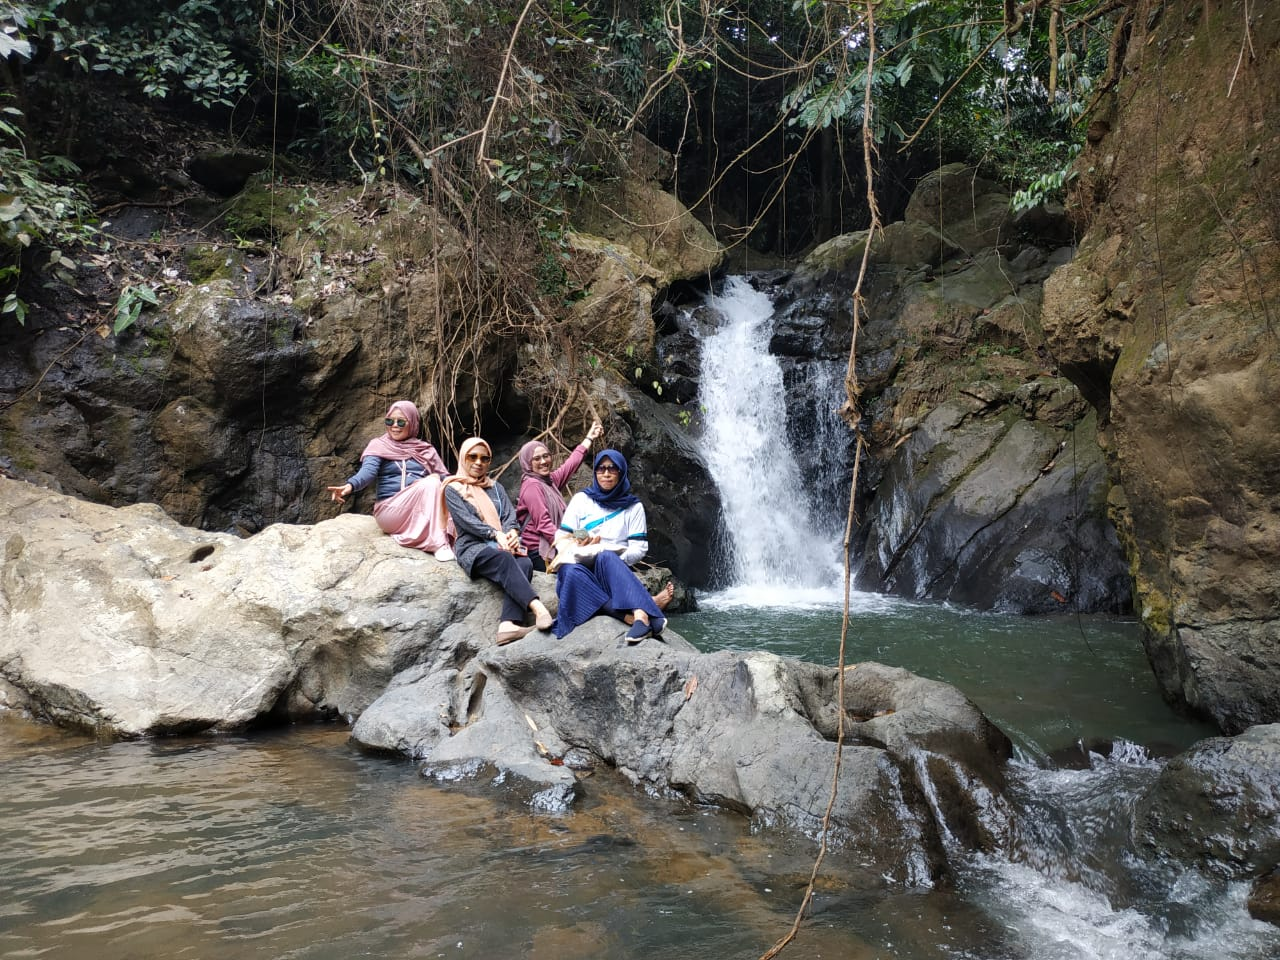 Luar Biasa Indahnya Objek Wisata Air Terjun Sumpang Puli Di Wajo